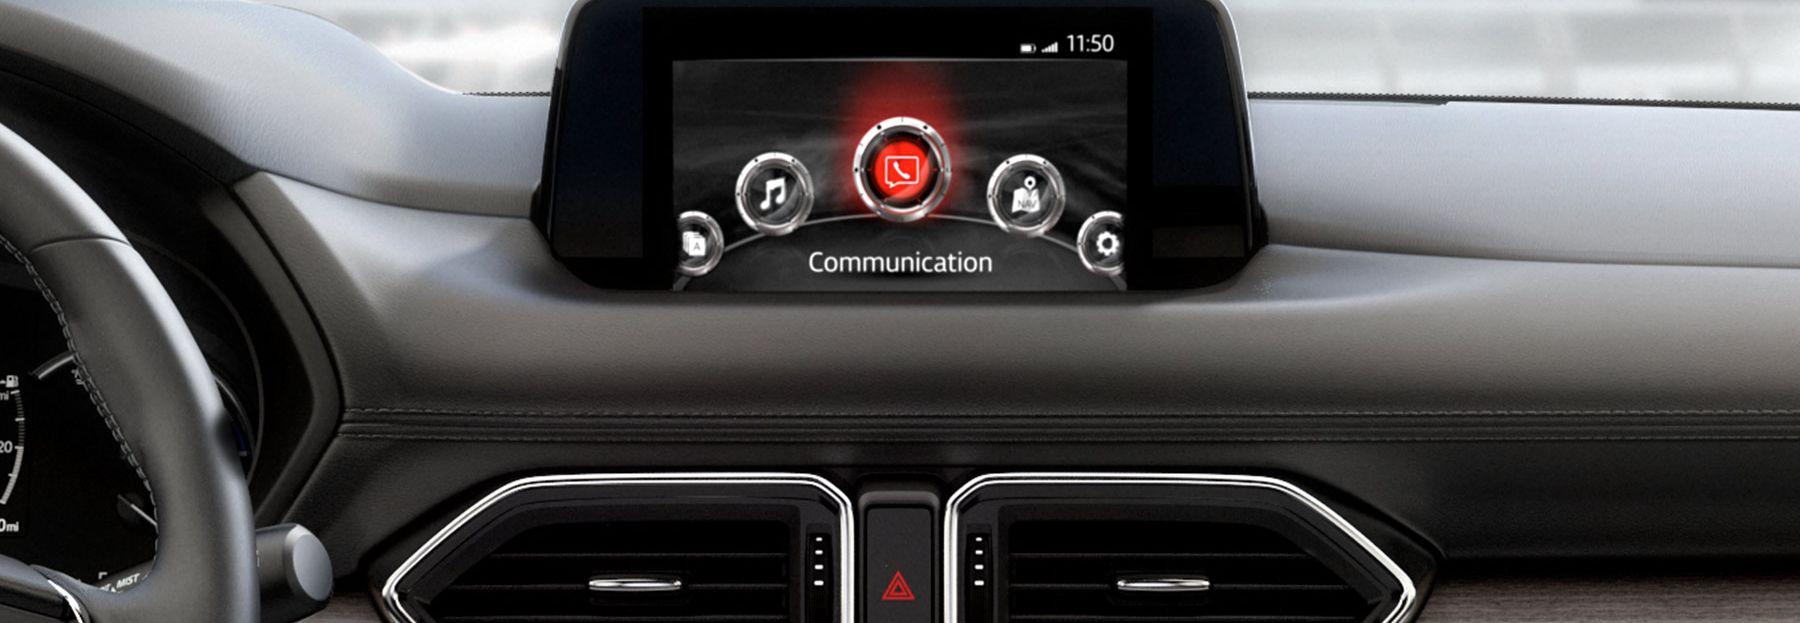 2019 Mazda CX-5 Screen